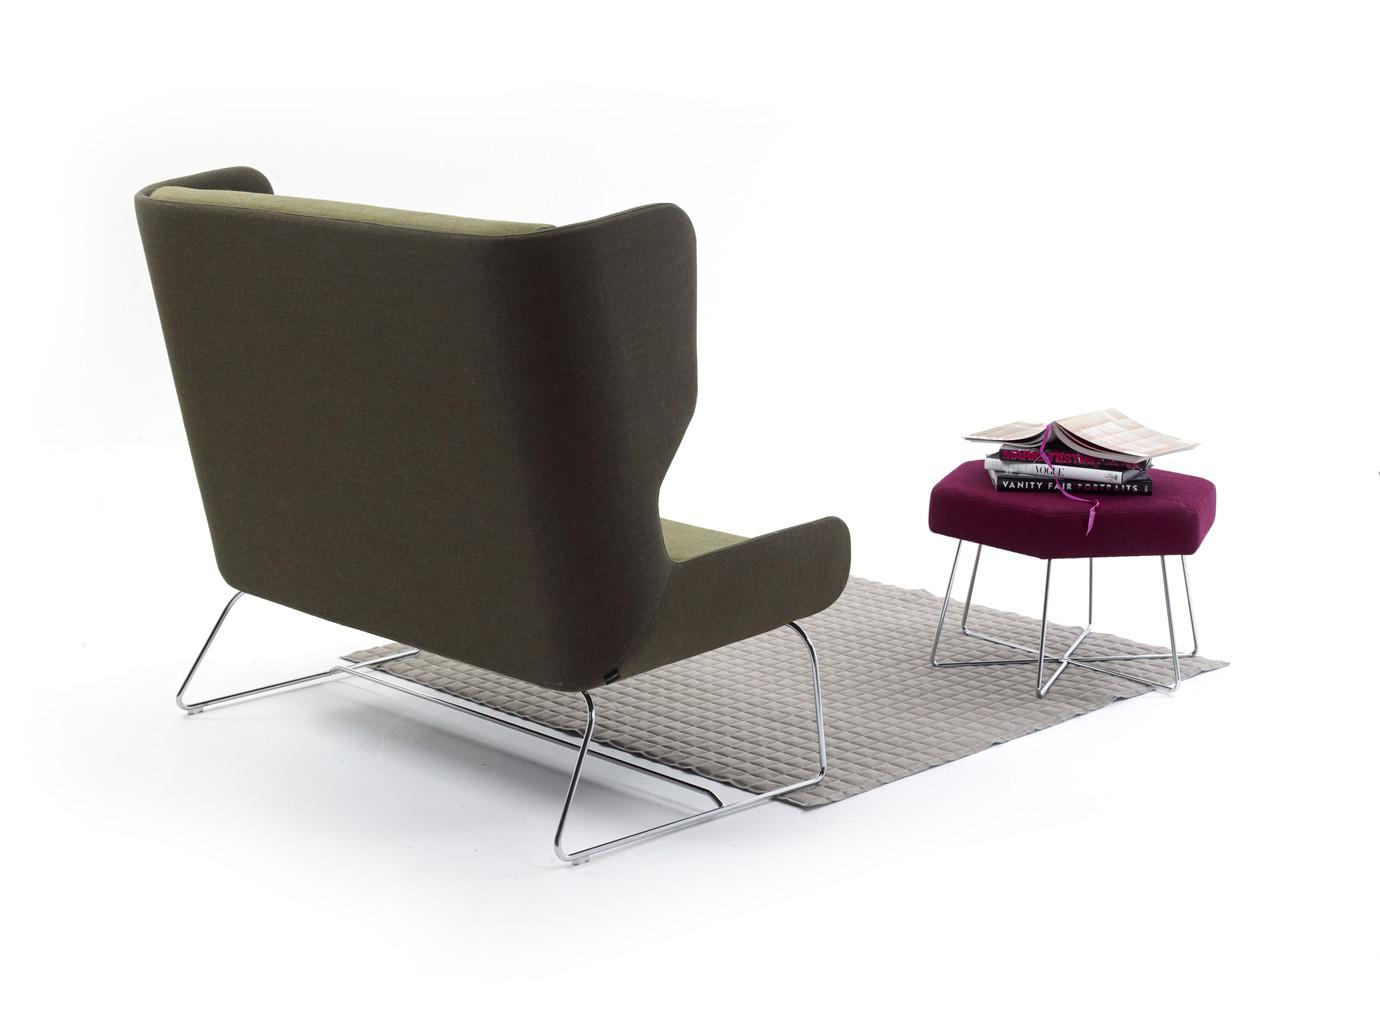 2-Silla-Lounge-Sofa-Hush-1-1380